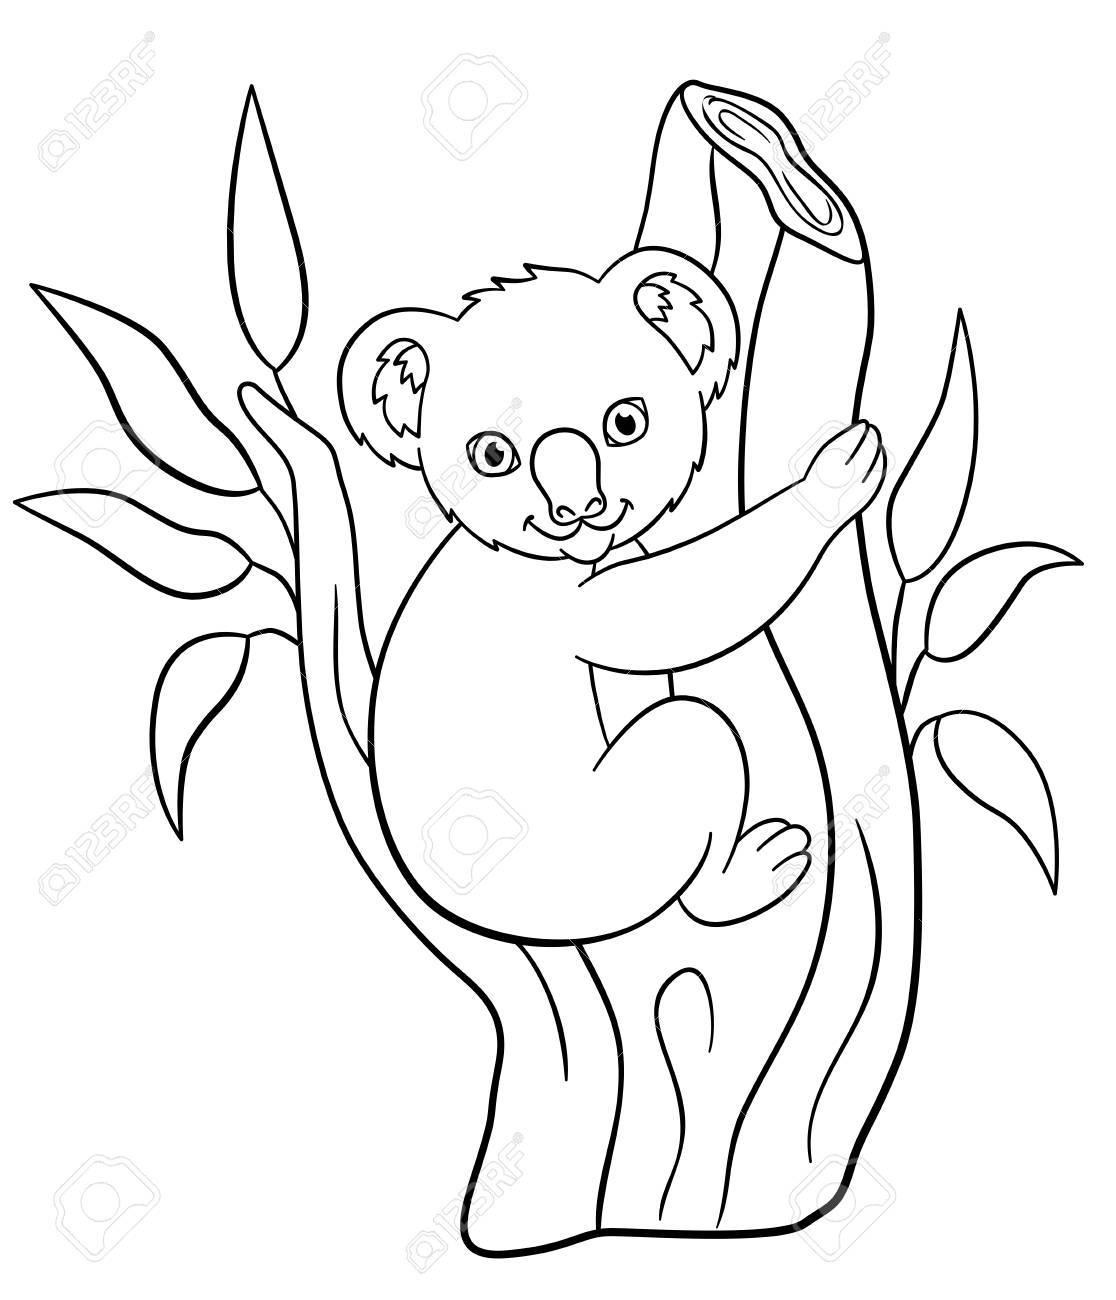 Malvorlagen. Kleine Süße Baby Koala Sitzt Auf Dem Ast Und Lächelt ...